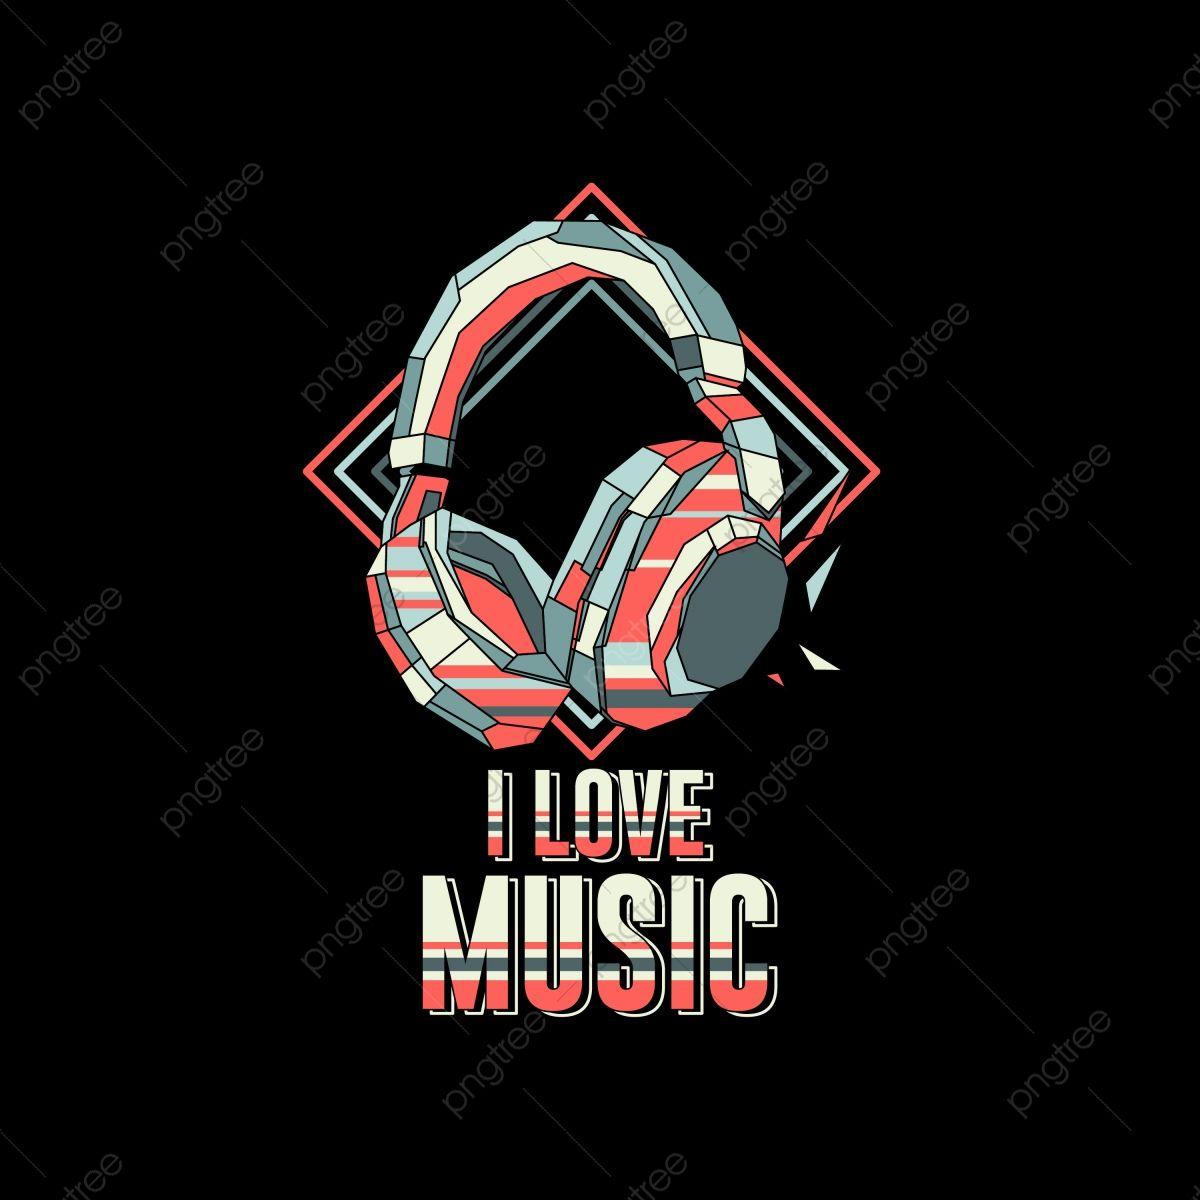 الموسيقى الحديثة التوضيح تي شيرت تصميم أسود فن الخط فن الخط Png والمتجهات للتحميل مجانا Music Illustration Font Graphic Shirt Designs